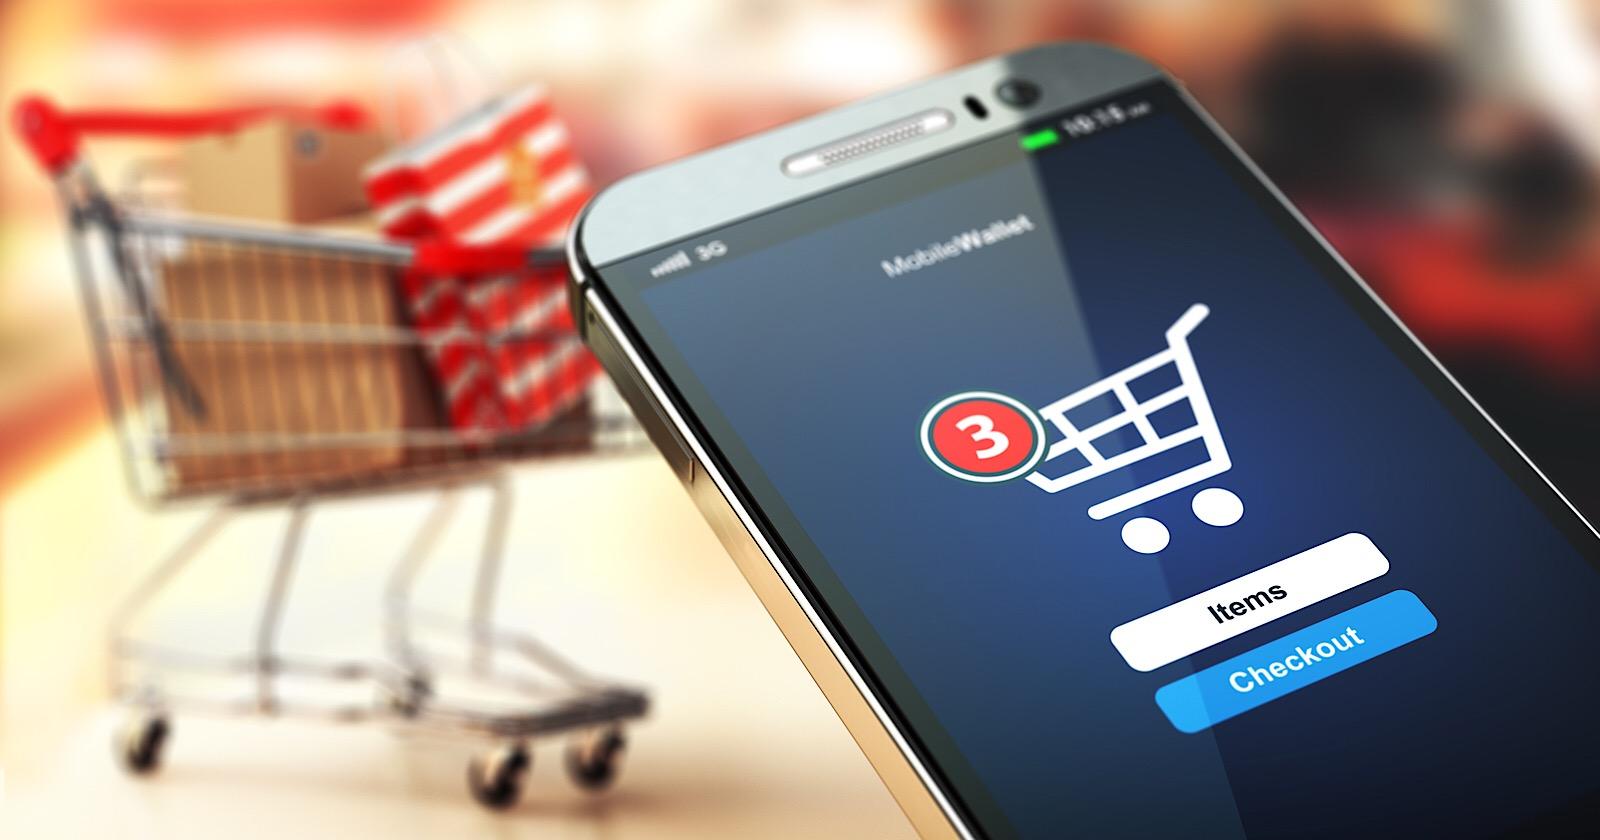 La recherche payée est le format d'annonce qui connaît la plus forte croissance dans le commerce de détail [REPORT]